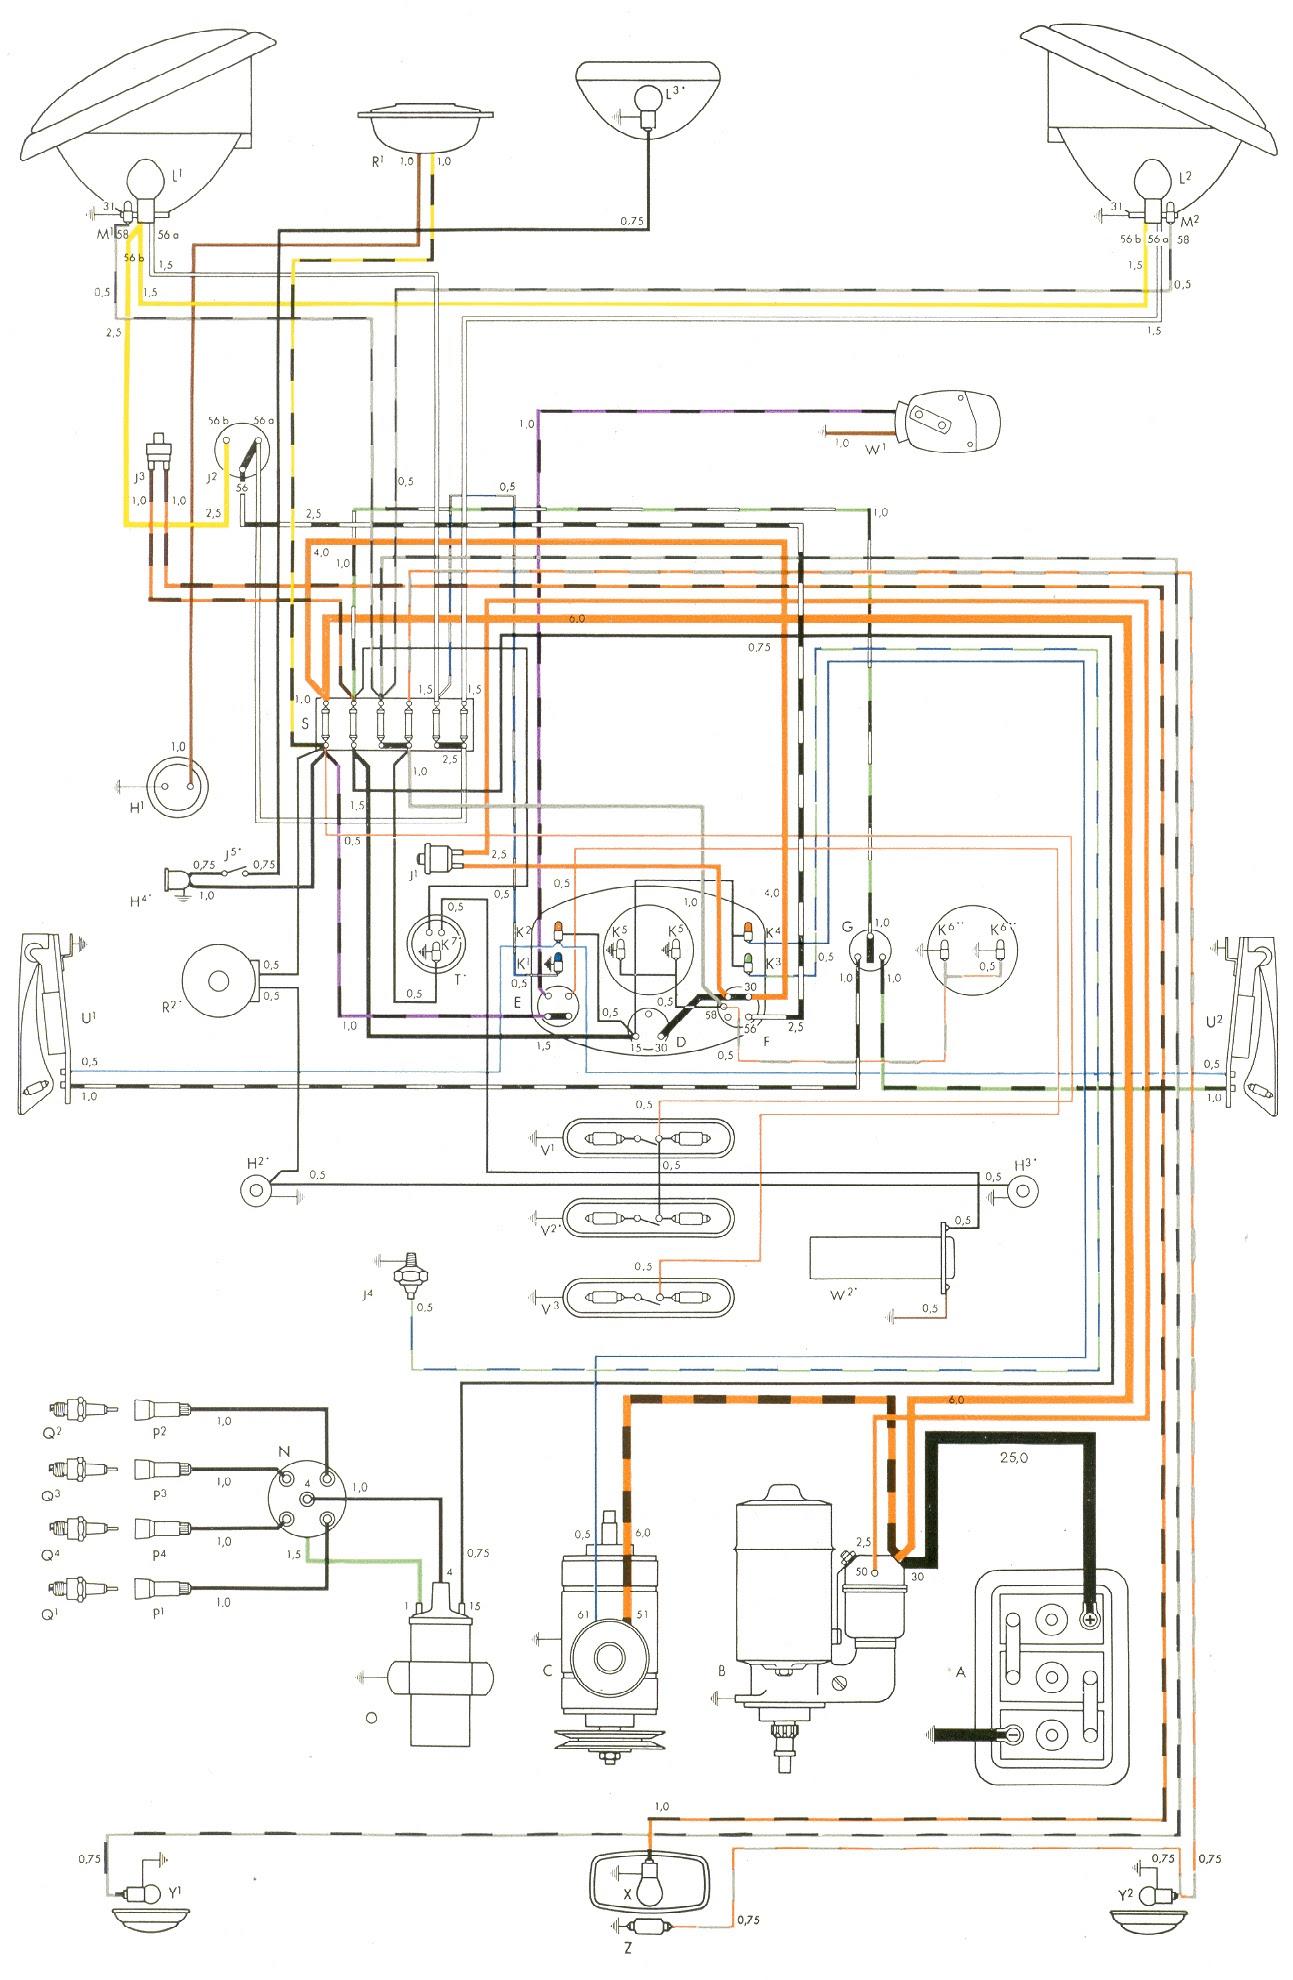 1993 Vw Eurovan Ignition Coil Wiring Diagram 2014 Dodge Ram Dually Wiring Abs Diagram Hazzardzz Wiringdol Jeanjaures37 Fr